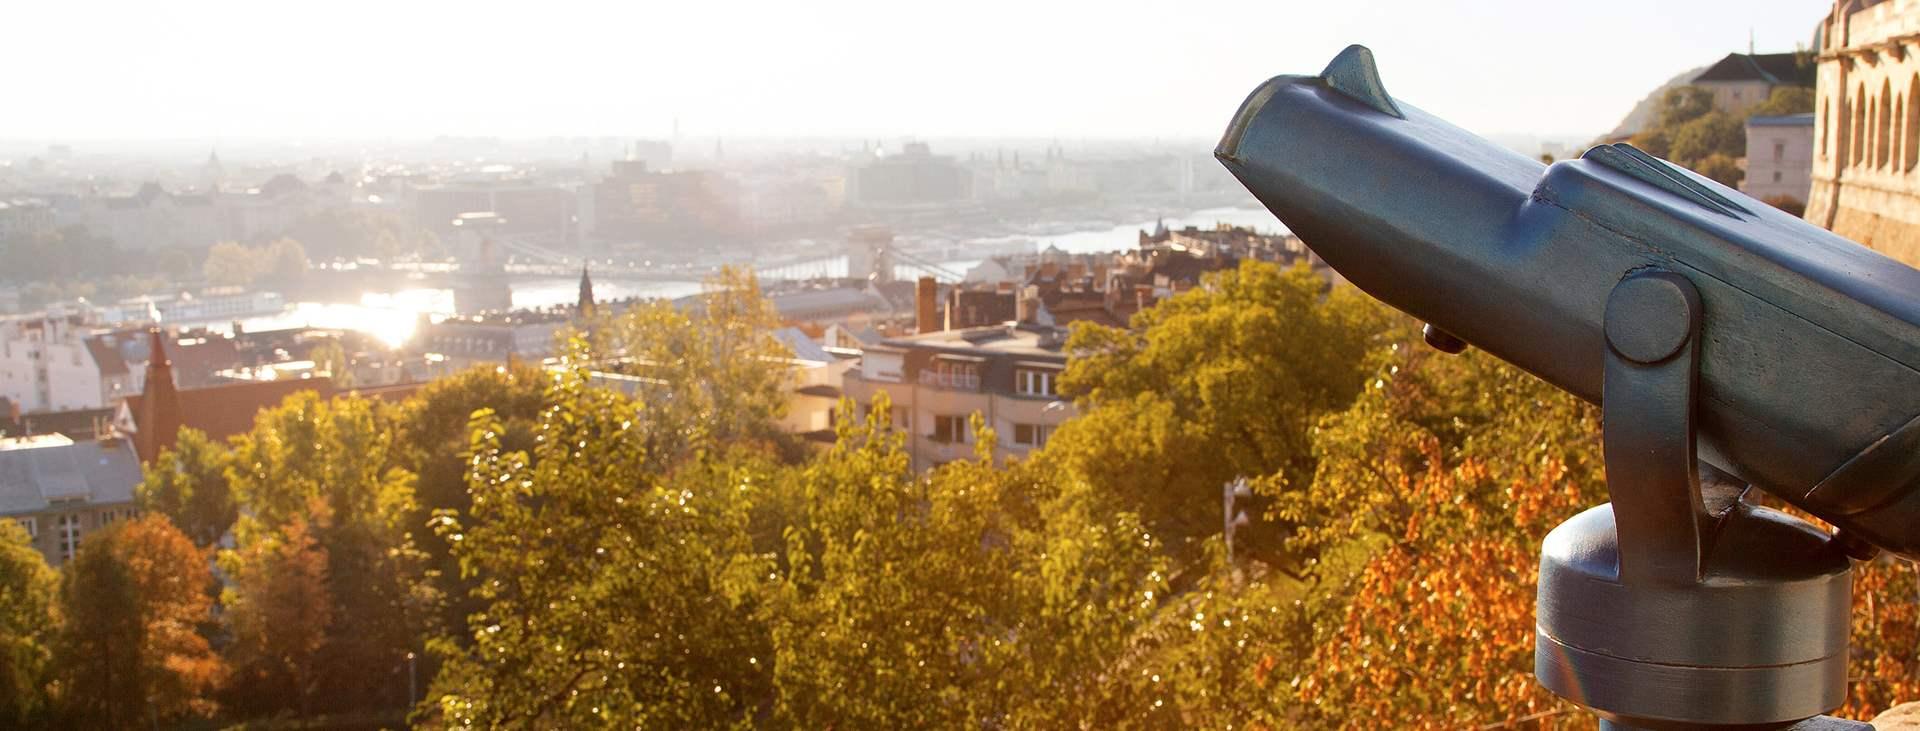 Bestill en helgetur med fly og hotell til Ungarn